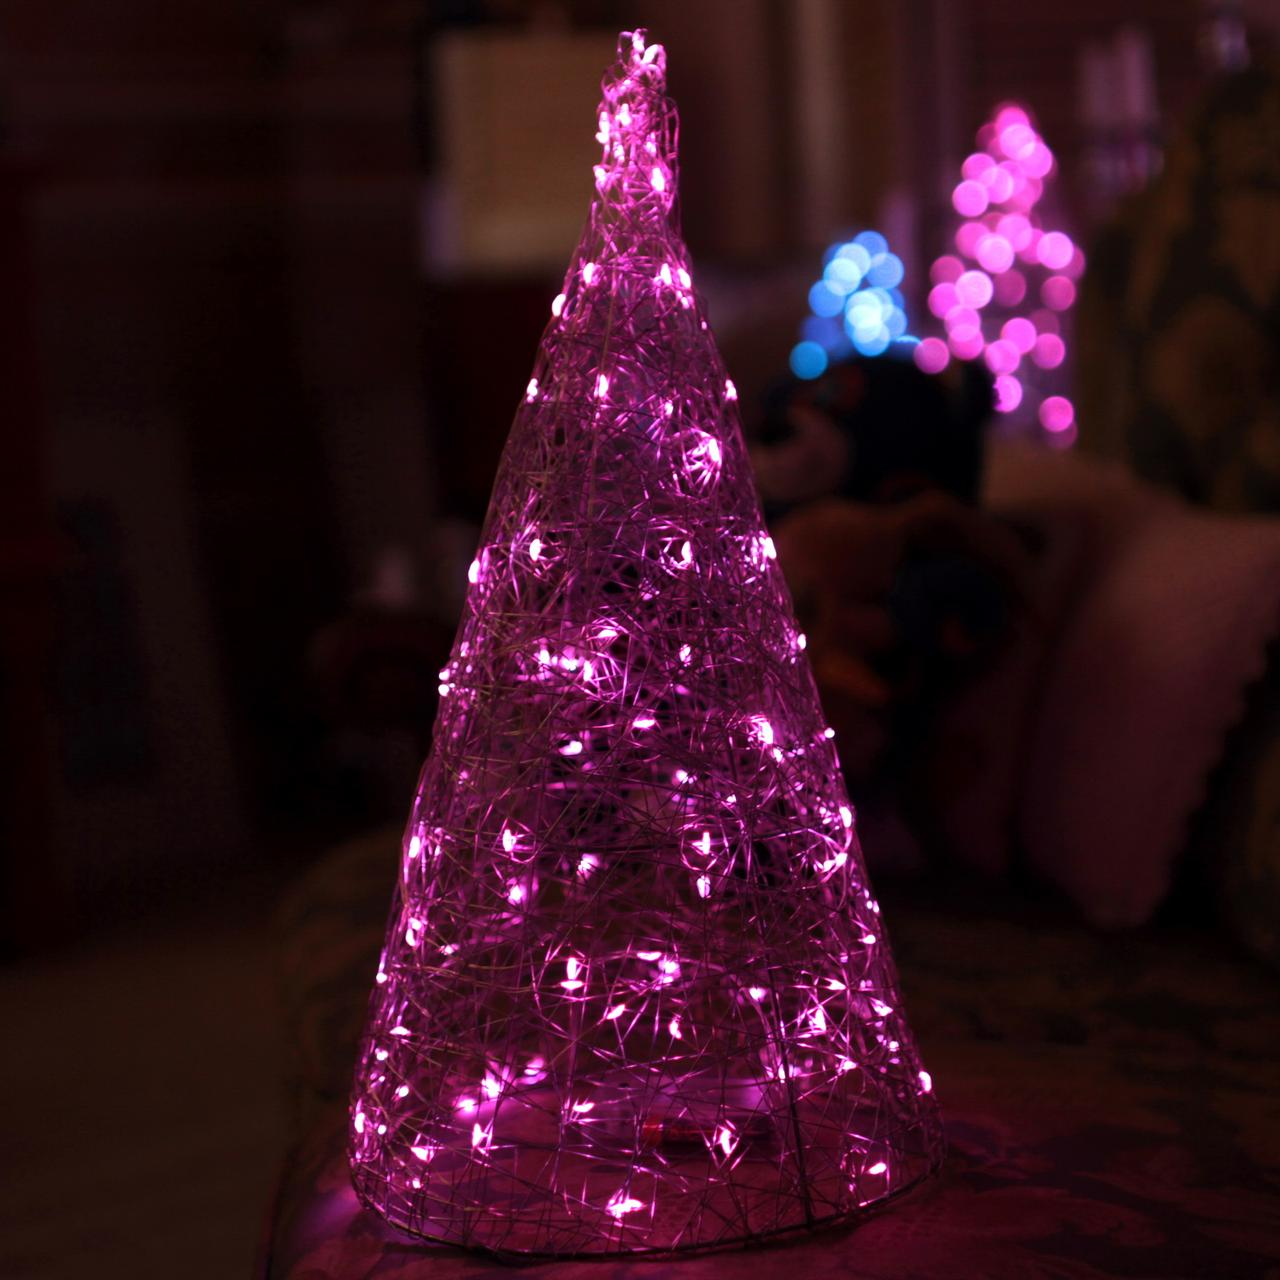 Декор Елка ЛОФТ Новогодняя Рождественская Ель с LED Гирляндой На Батарейках+USB+220V 38х22см SilverMultiLOFT